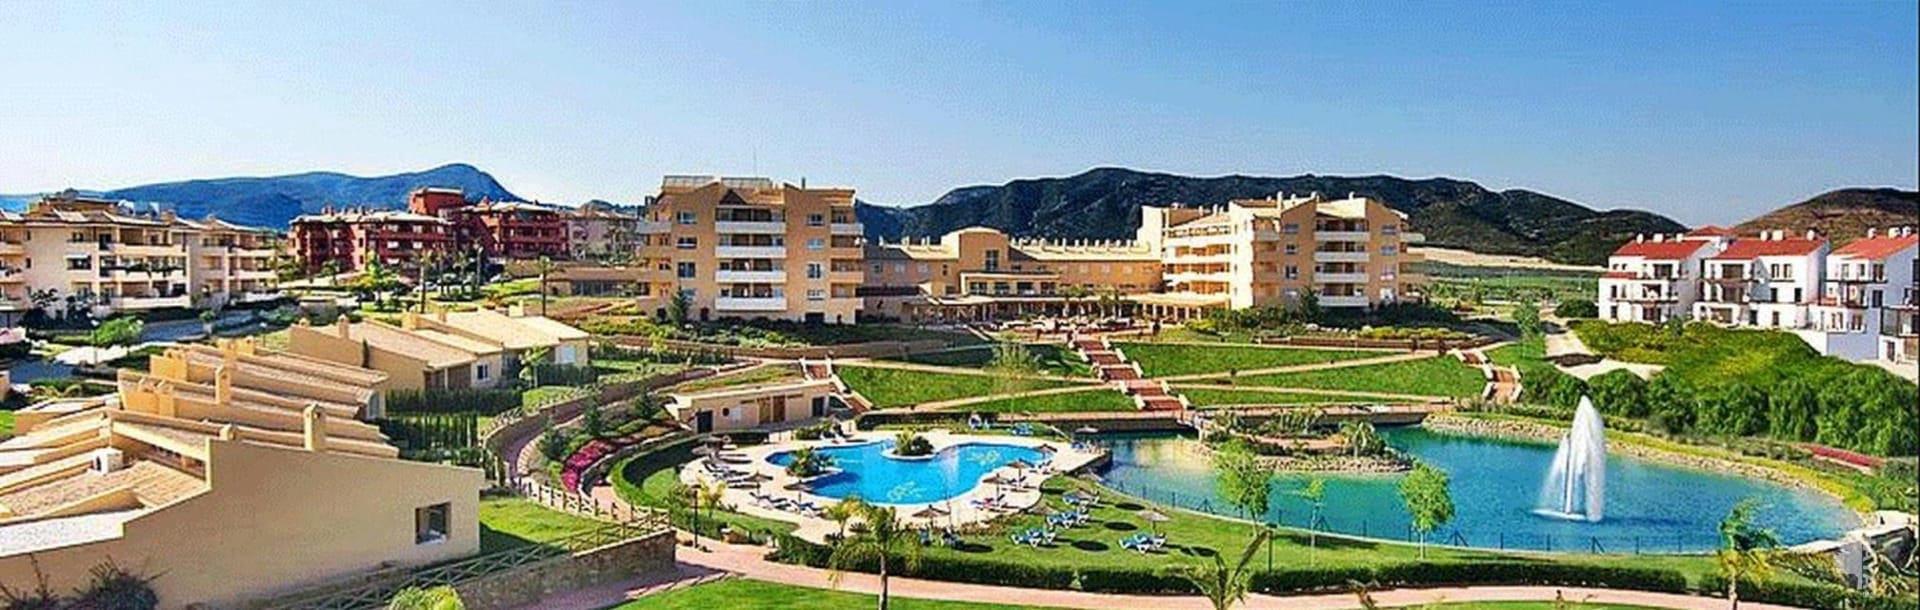 Piso en venta en El Alamillo, Mijas, Málaga, Camino Cuesta Palmar, 12.498.729 €, 2 habitaciones, 1 baño, 16 m2